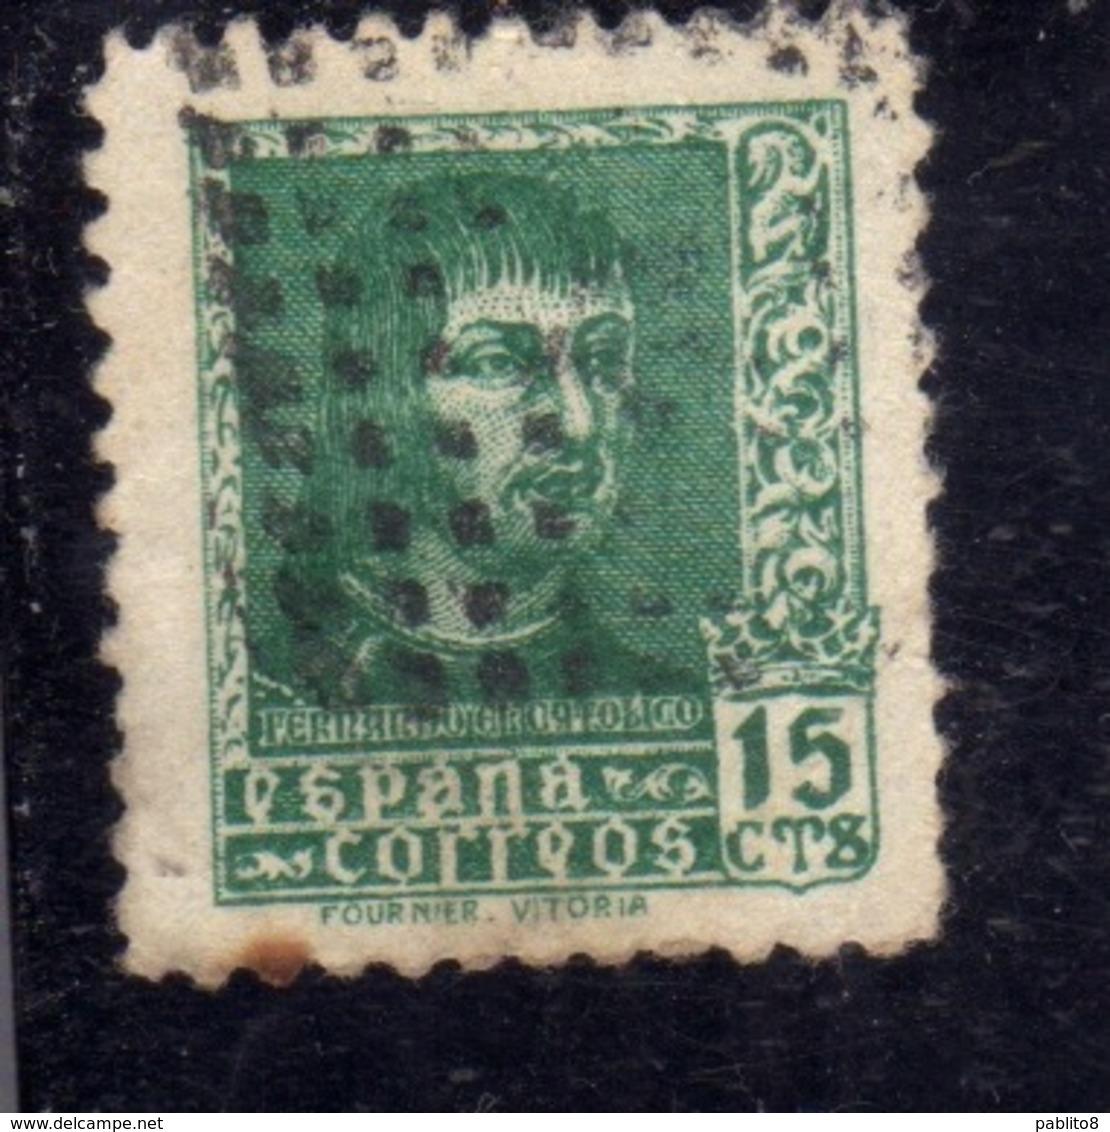 SPAIN ESPAÑA SPAGNA 1938 FERDINAND THE CATHOLIC FERDINANDO IL CATTOLICO CENT. 15c USED USATO OBLITERE' - 1931-Aujourd'hui: II. République - ....Juan Carlos I